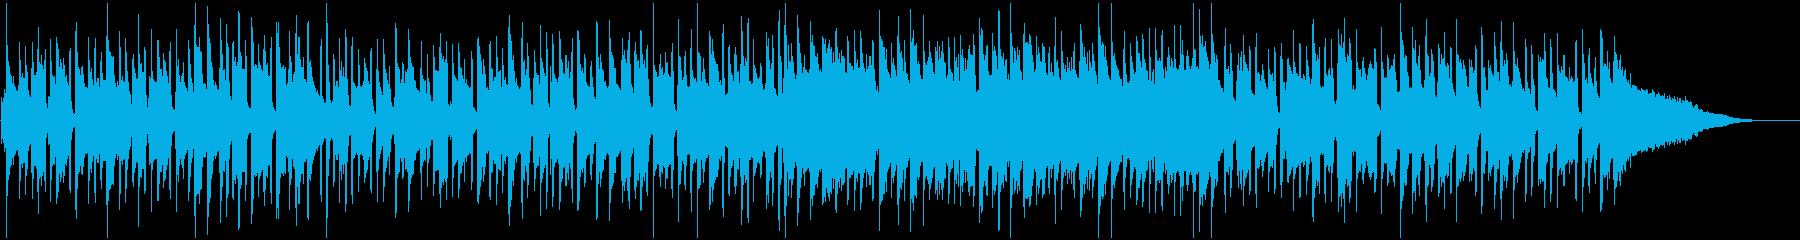 日常のシーンに合いそうなピアノ曲の再生済みの波形